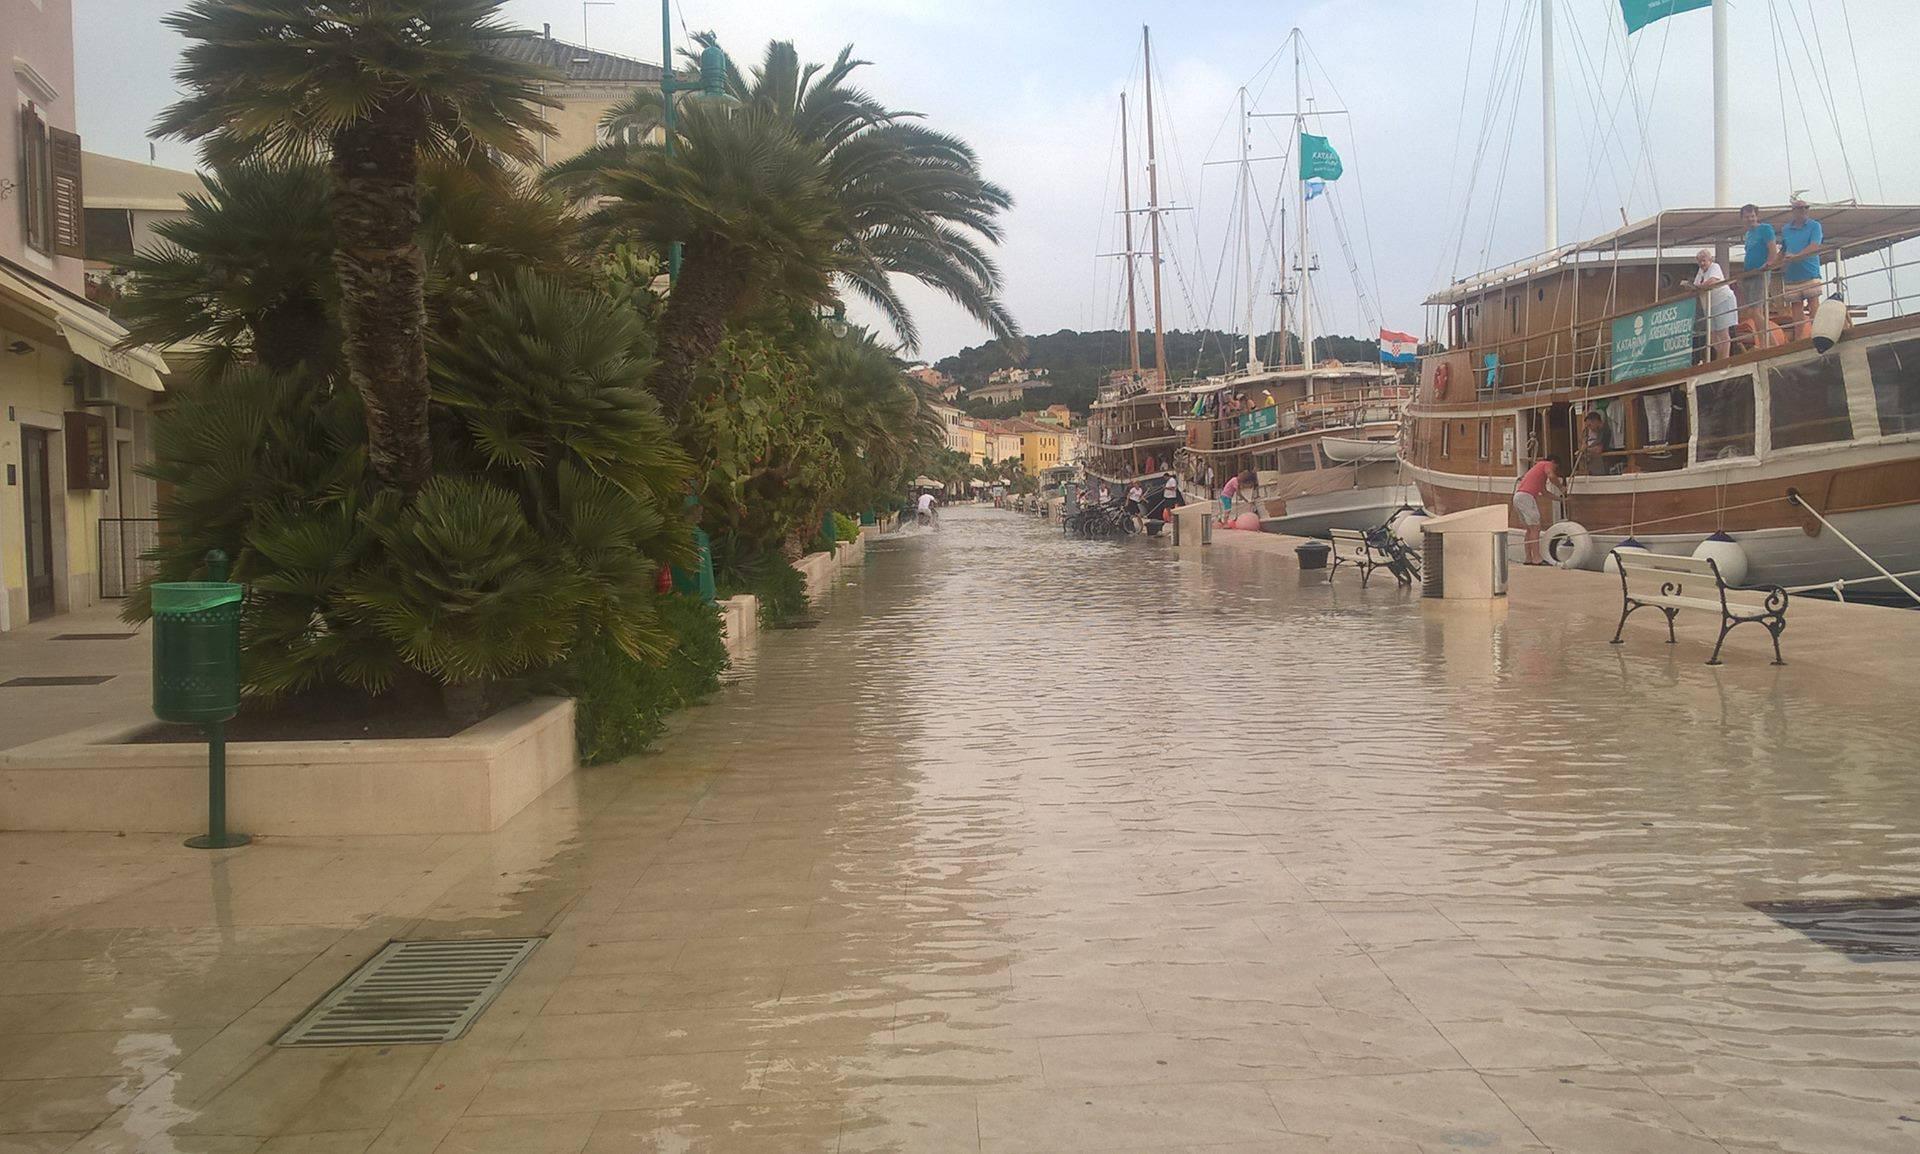 Plimni val poplavio Mali Lošinj: 'Plivala' riva, kafići, trgovine...